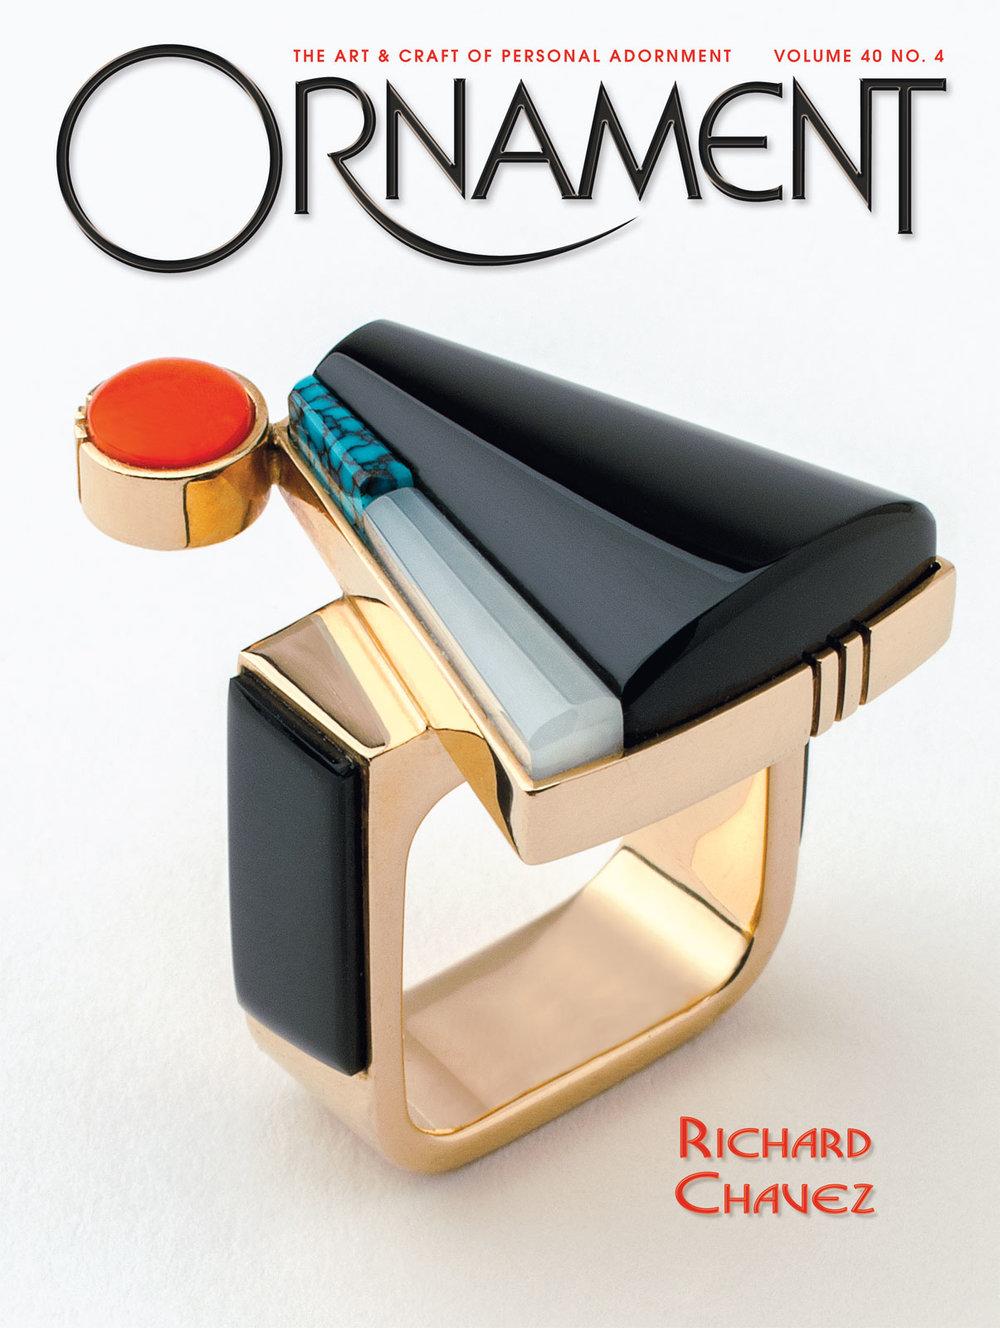 Orn40_4_Cover.jpg